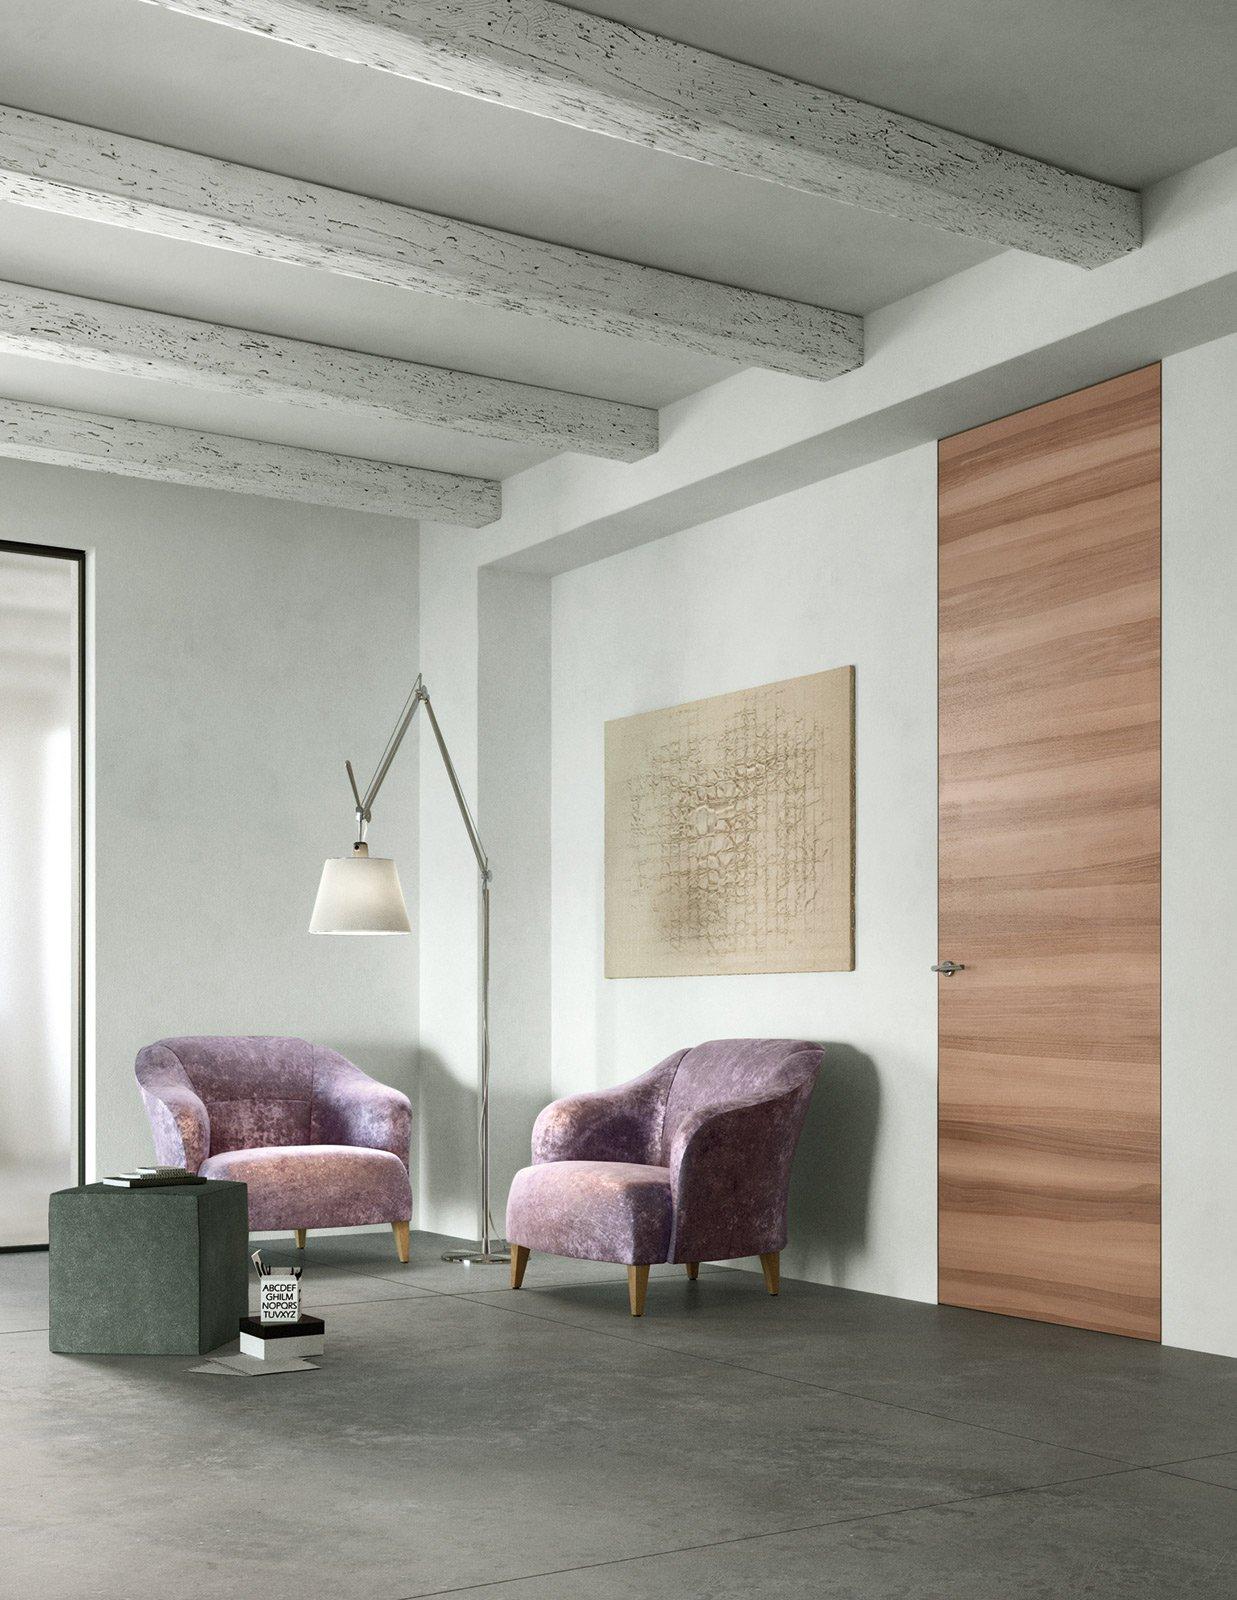 Porte Filo Muro Specchio porte filomuro scorrevoli o a battente: foto modelli, prezzi